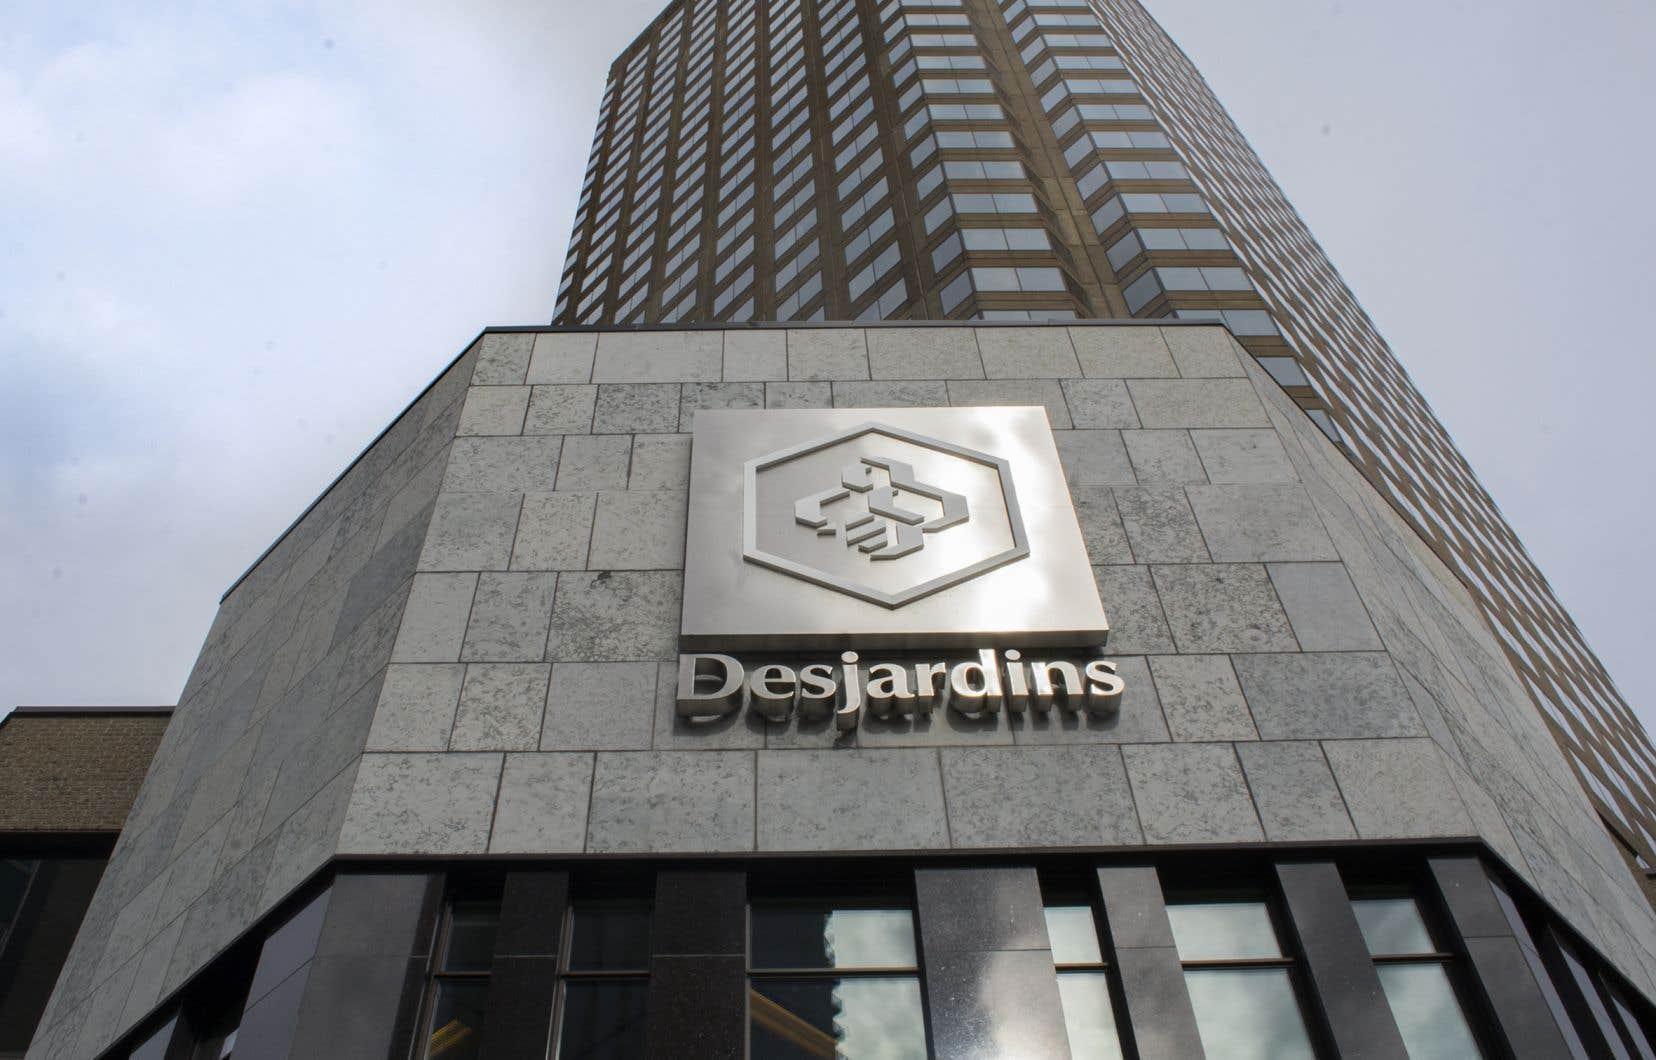 Les municipalités sont officiellement mises à contribution pour la privatisation des profits et de la socialisation des dépenses de Desjardins, déplore l'auteur.